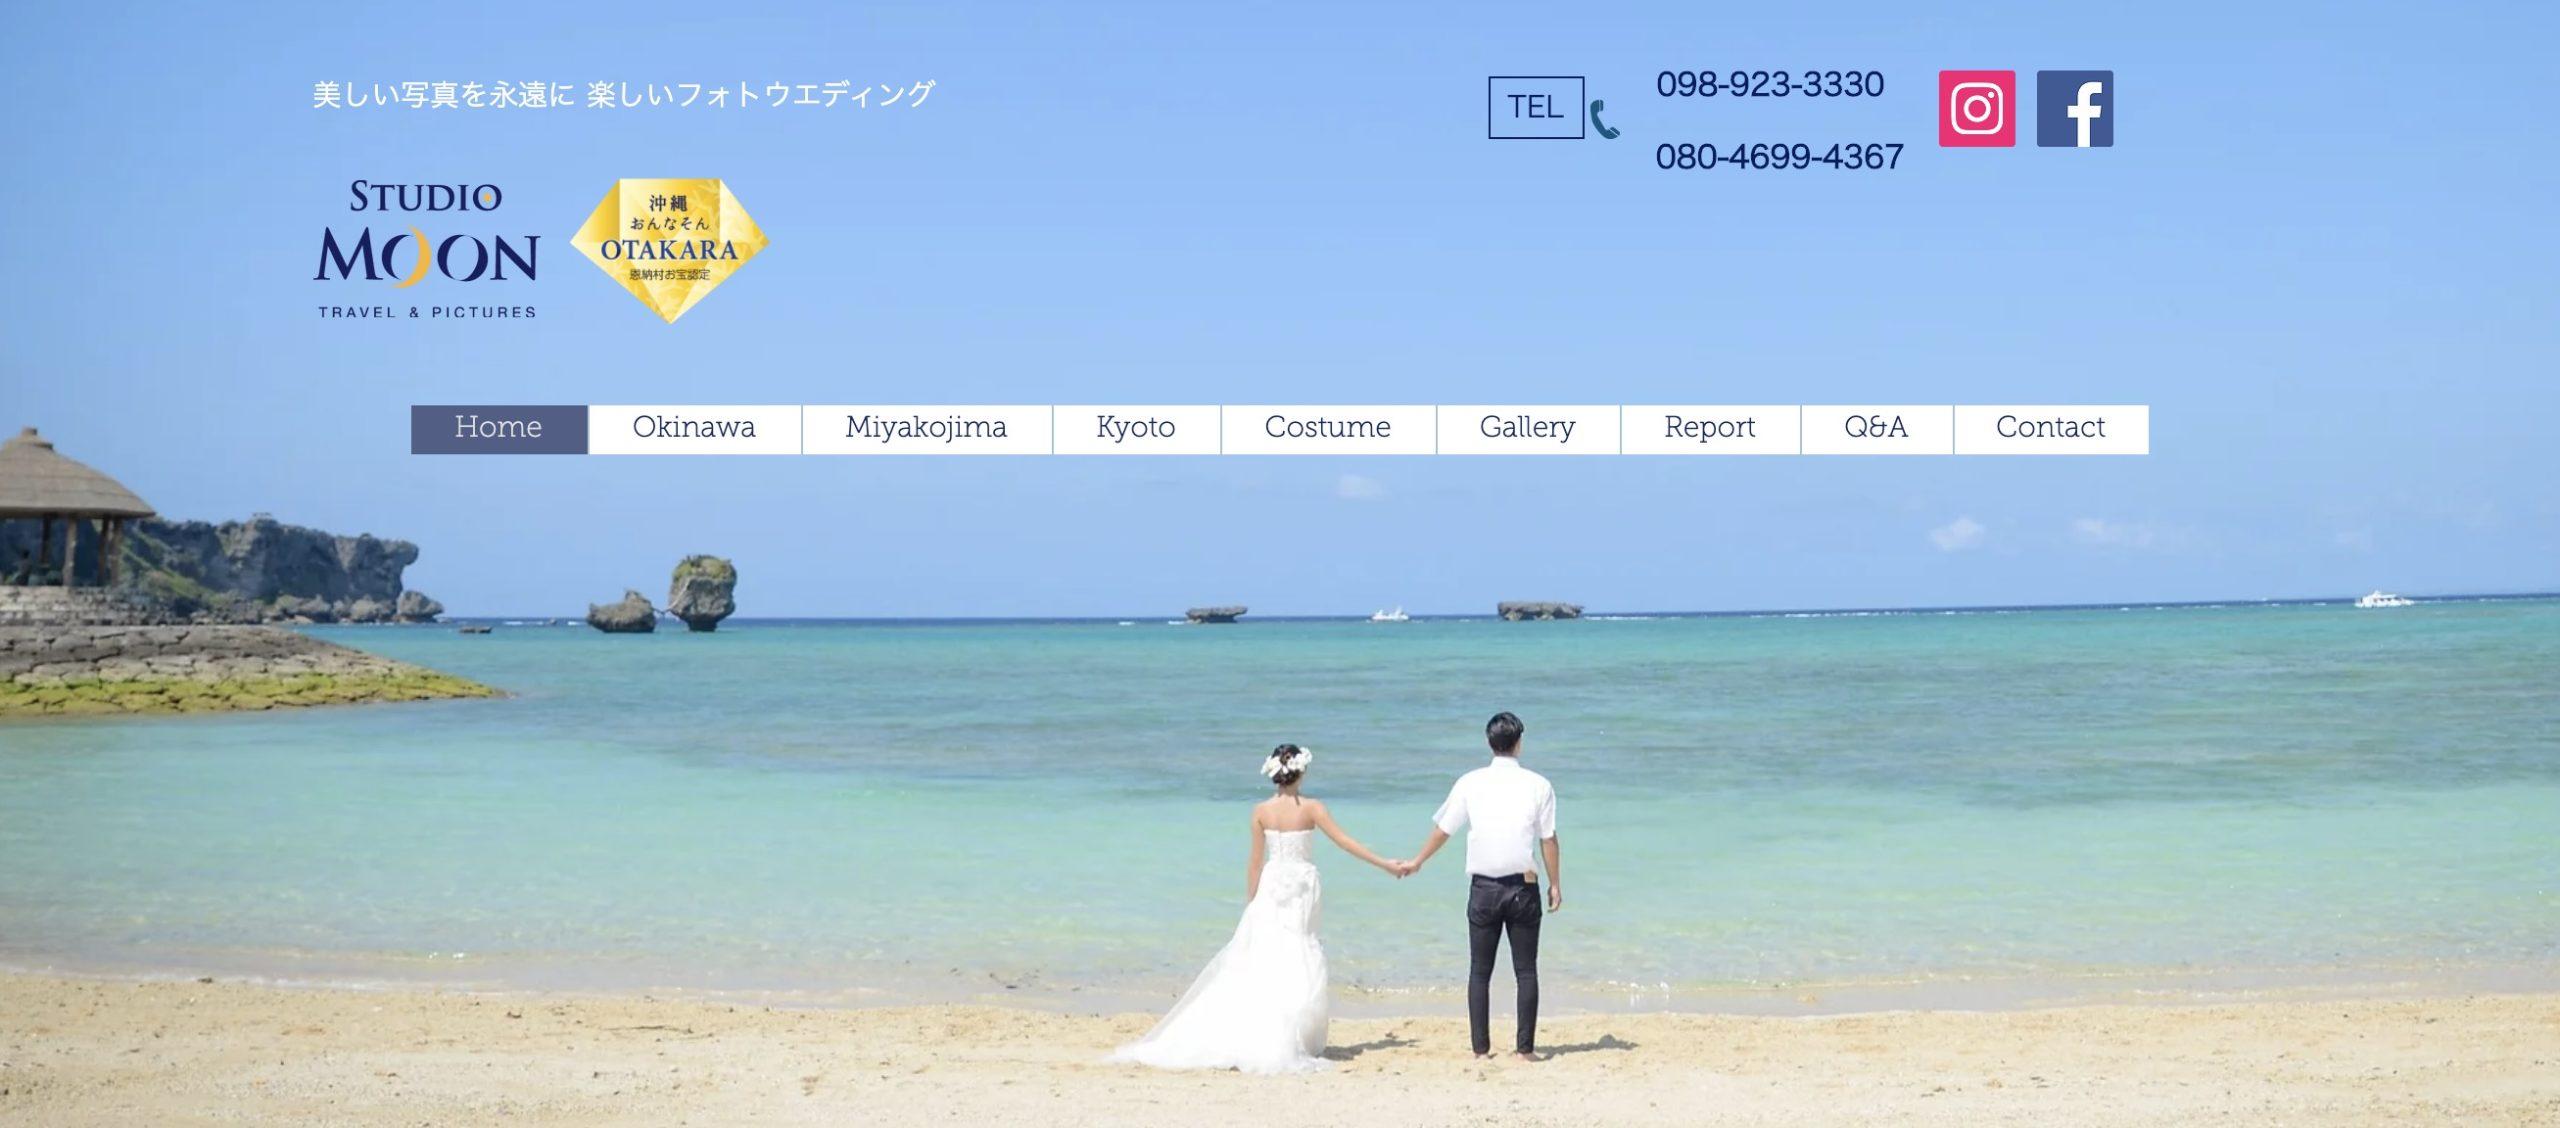 スタジオムーン Travel & Pictures